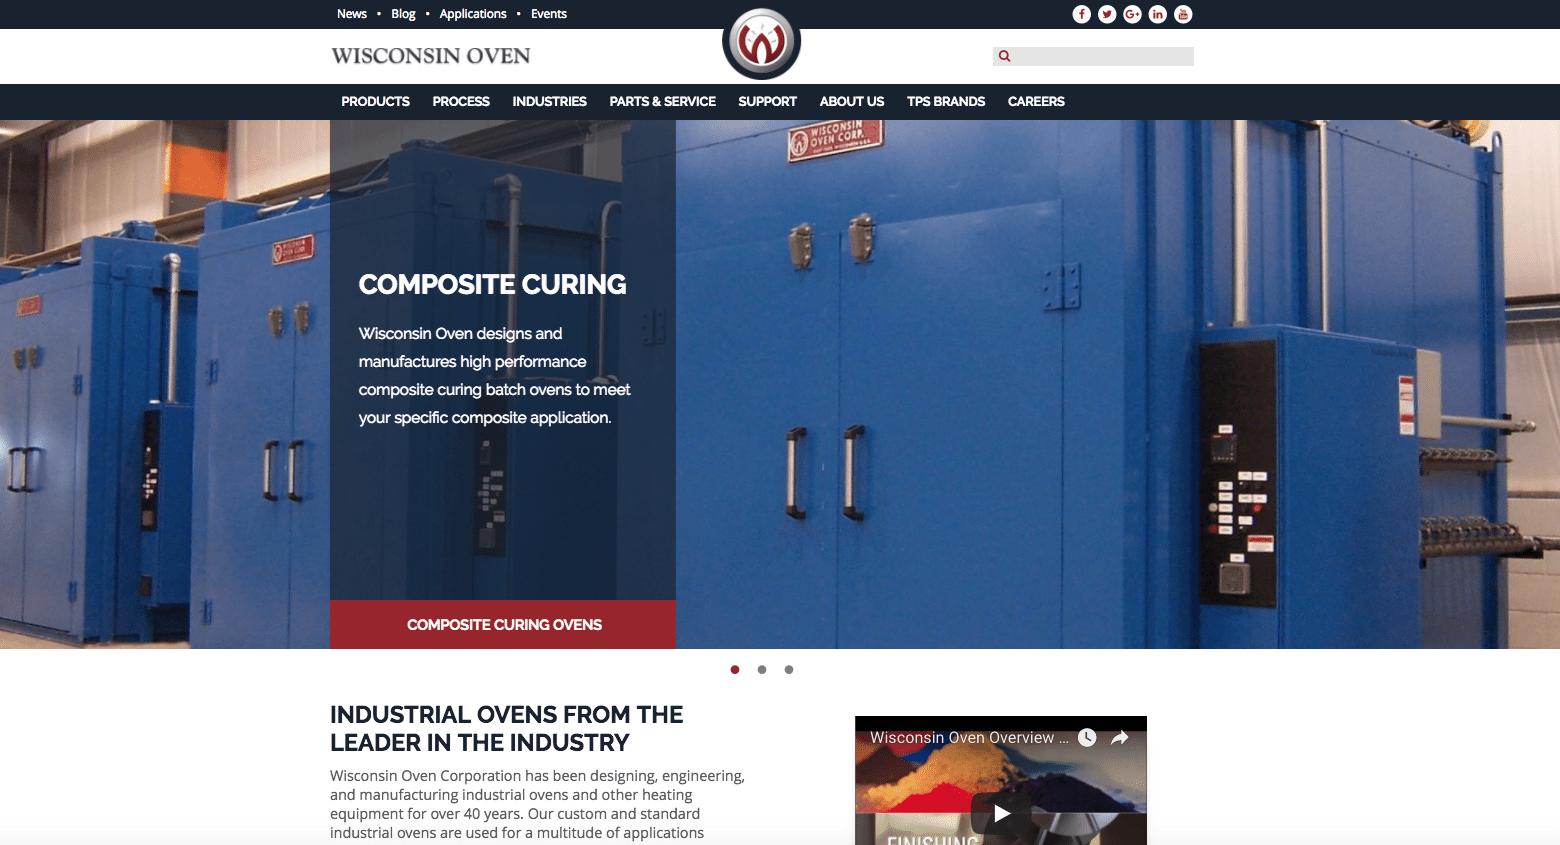 Wisconsin Oven Homepage